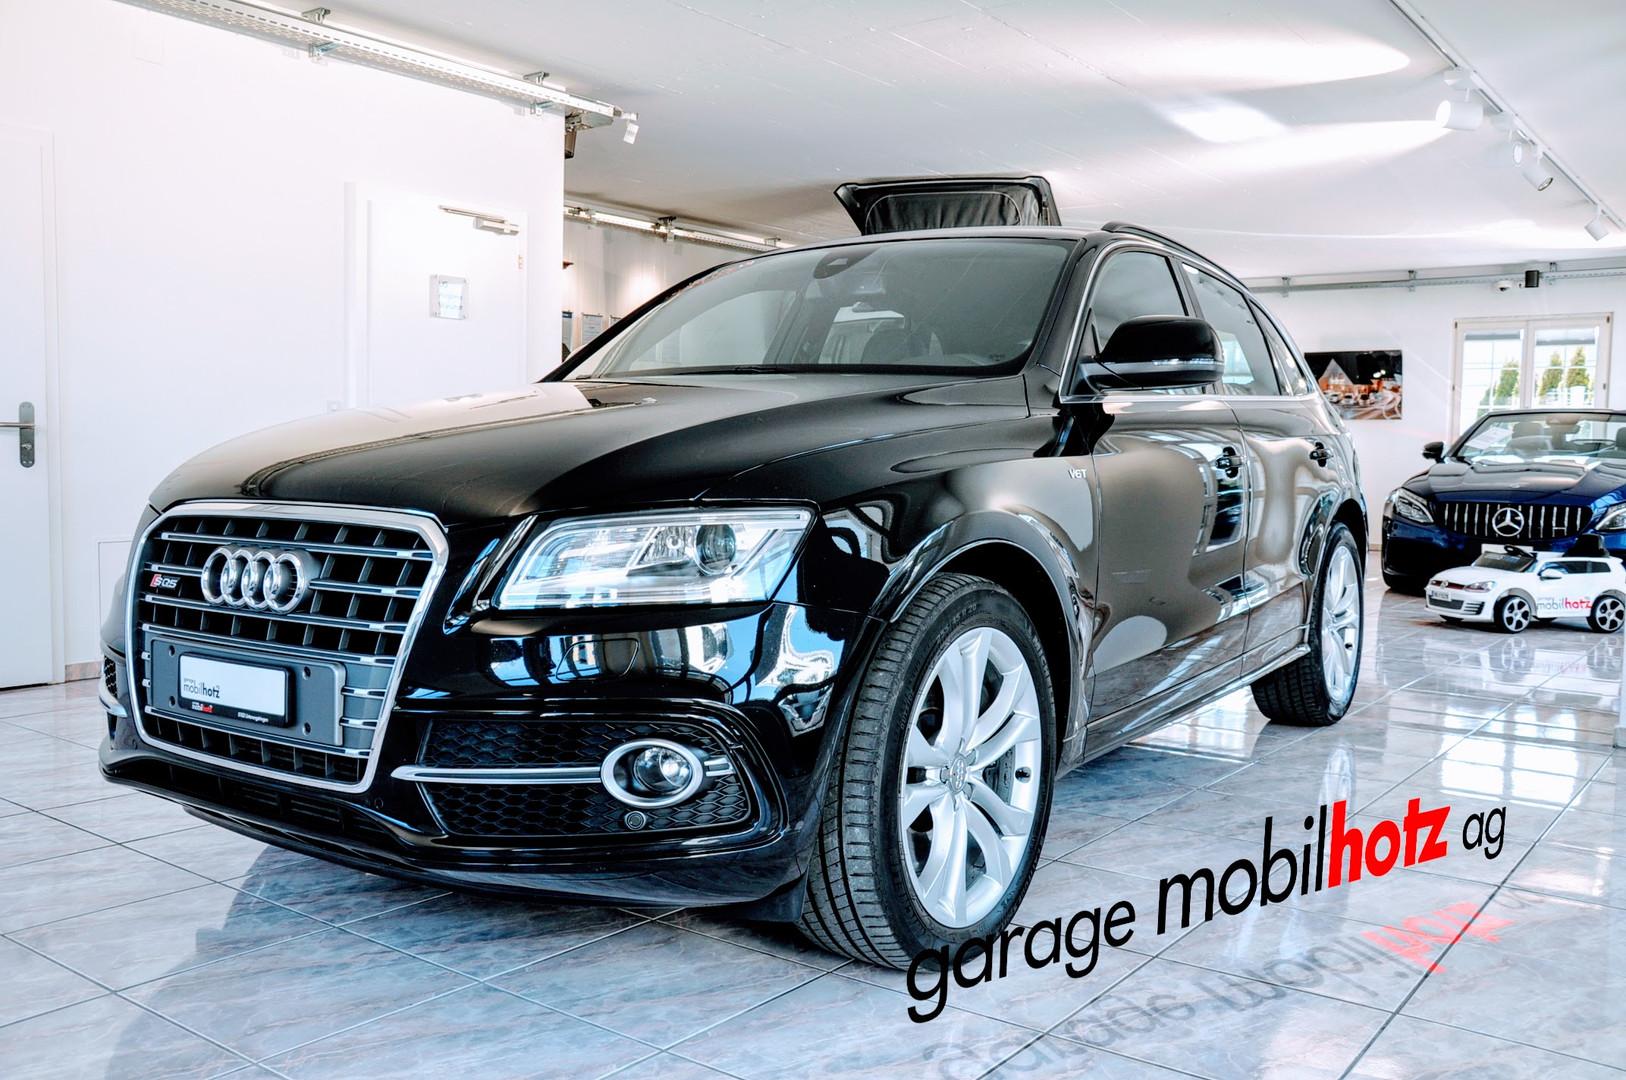 Kommissionsverkauf Audi.jpg